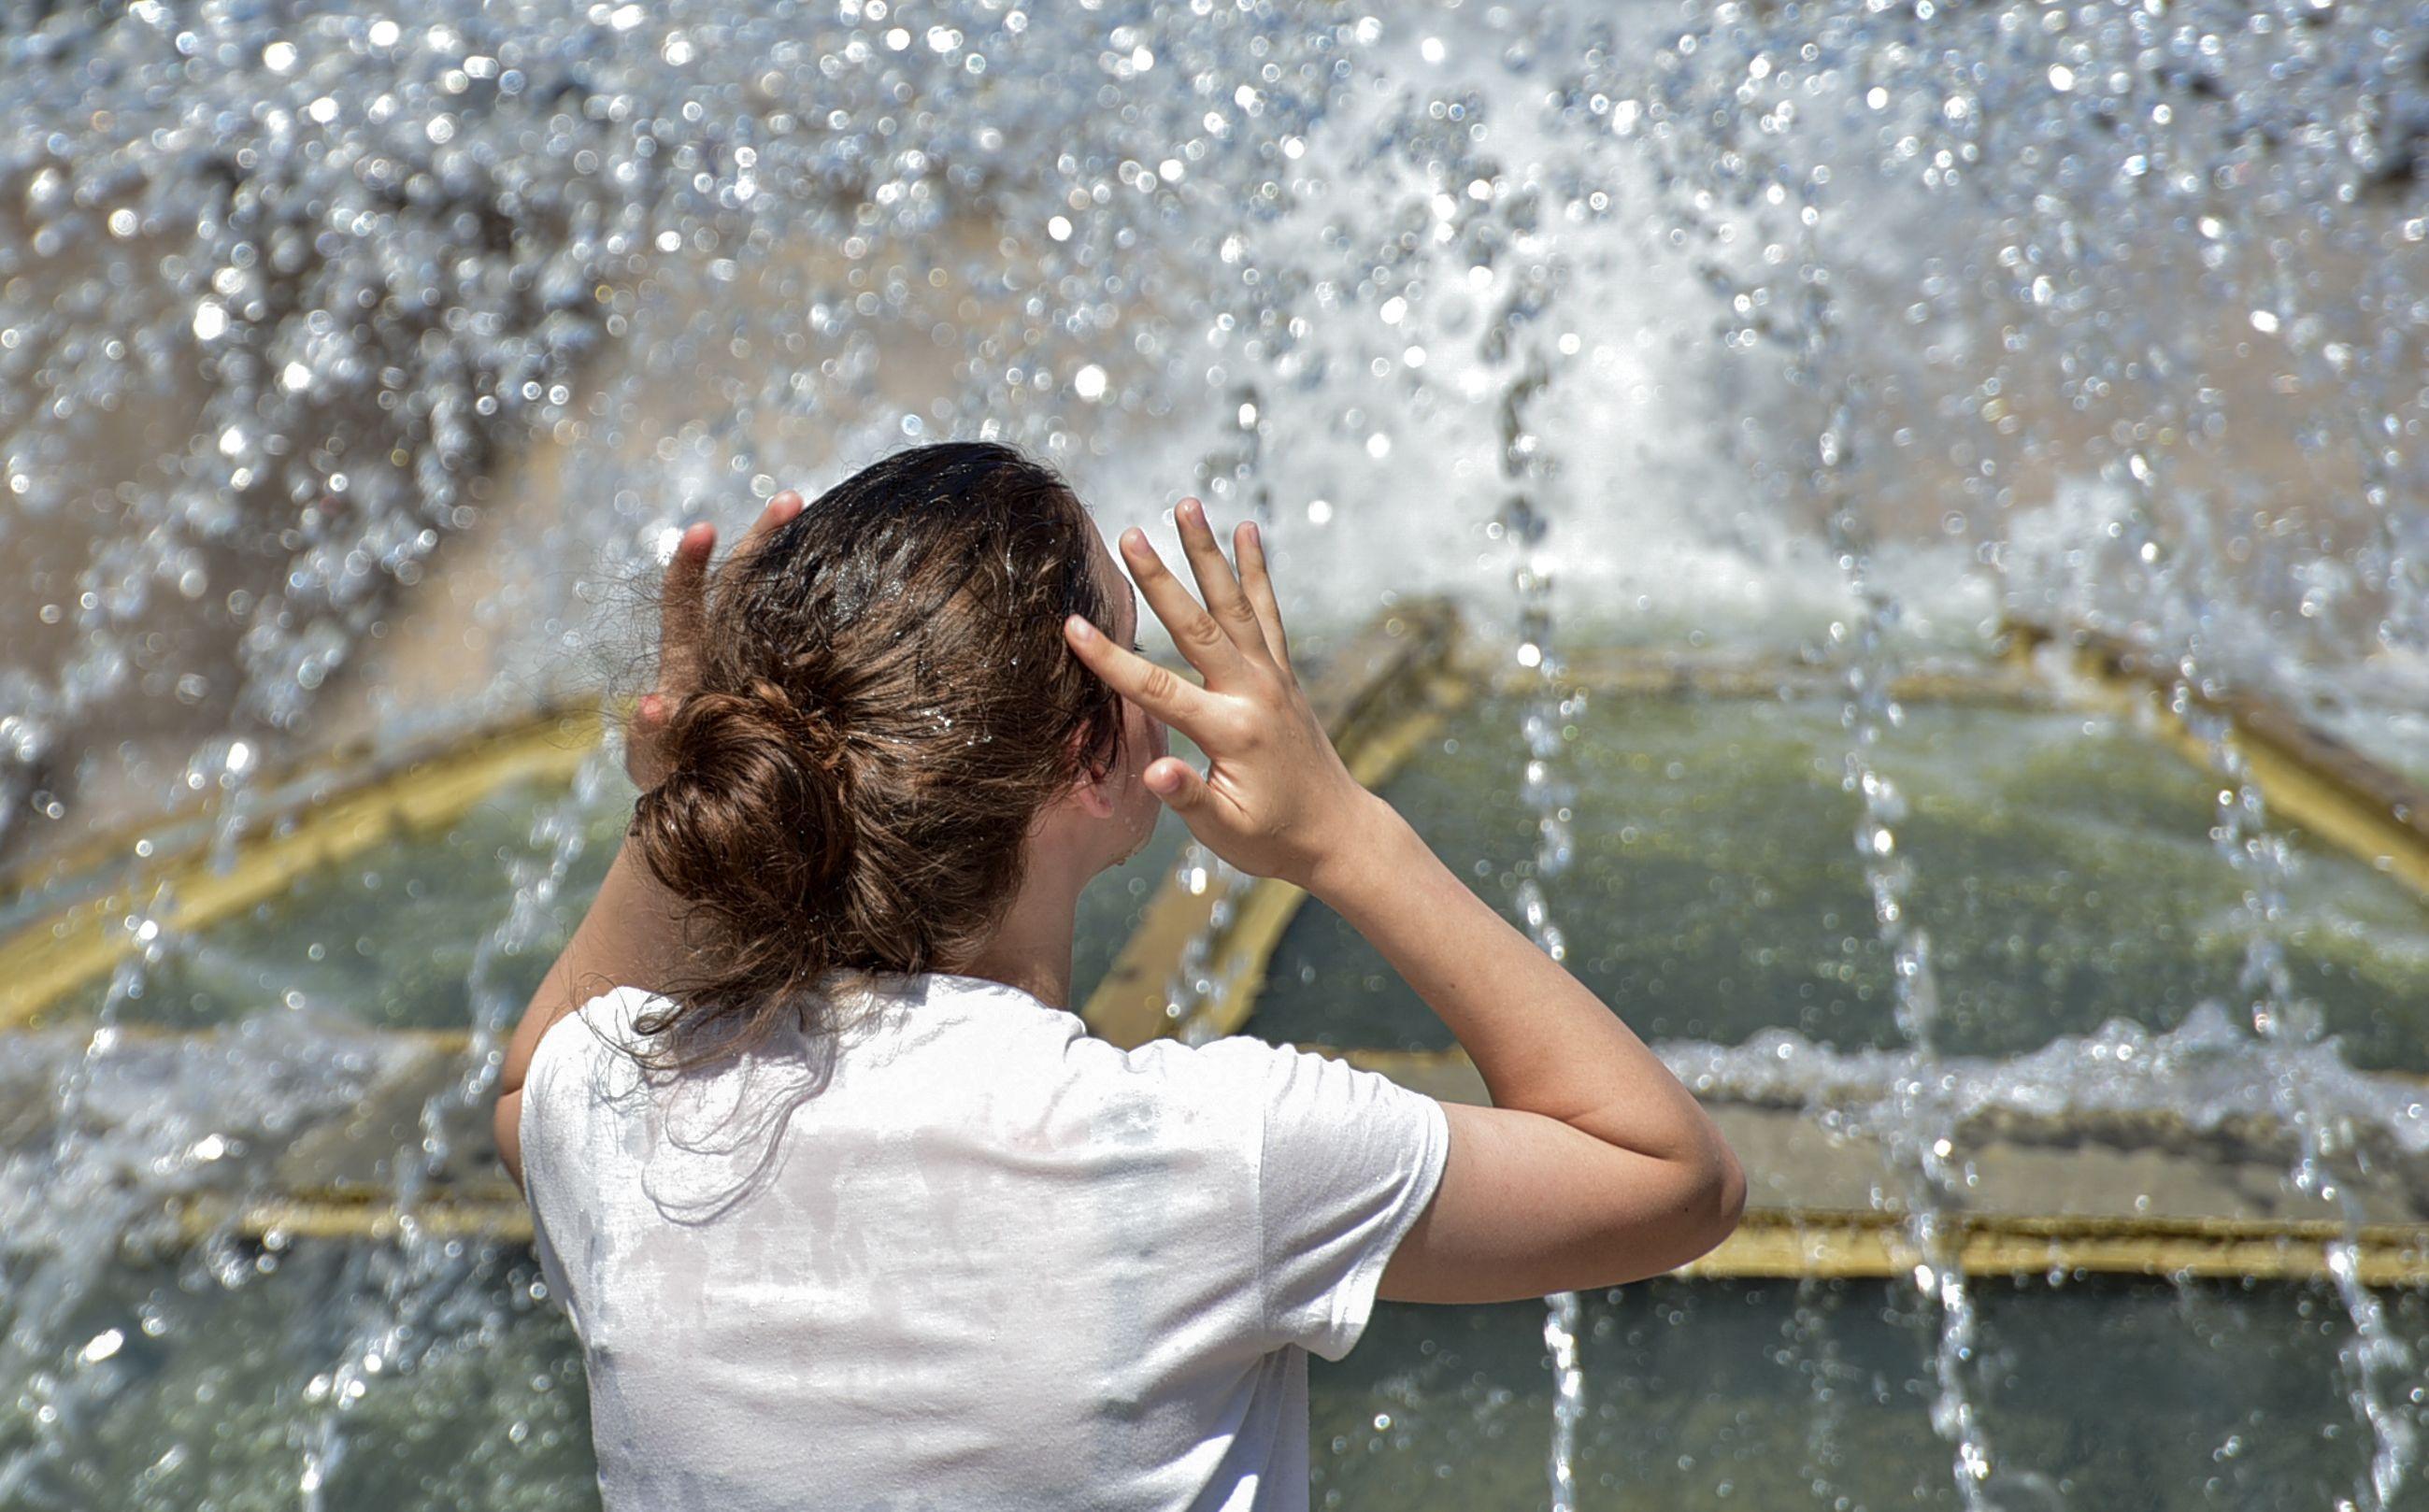 Действительно круто: жара в Москве едва не побьет рекорд 6 июня